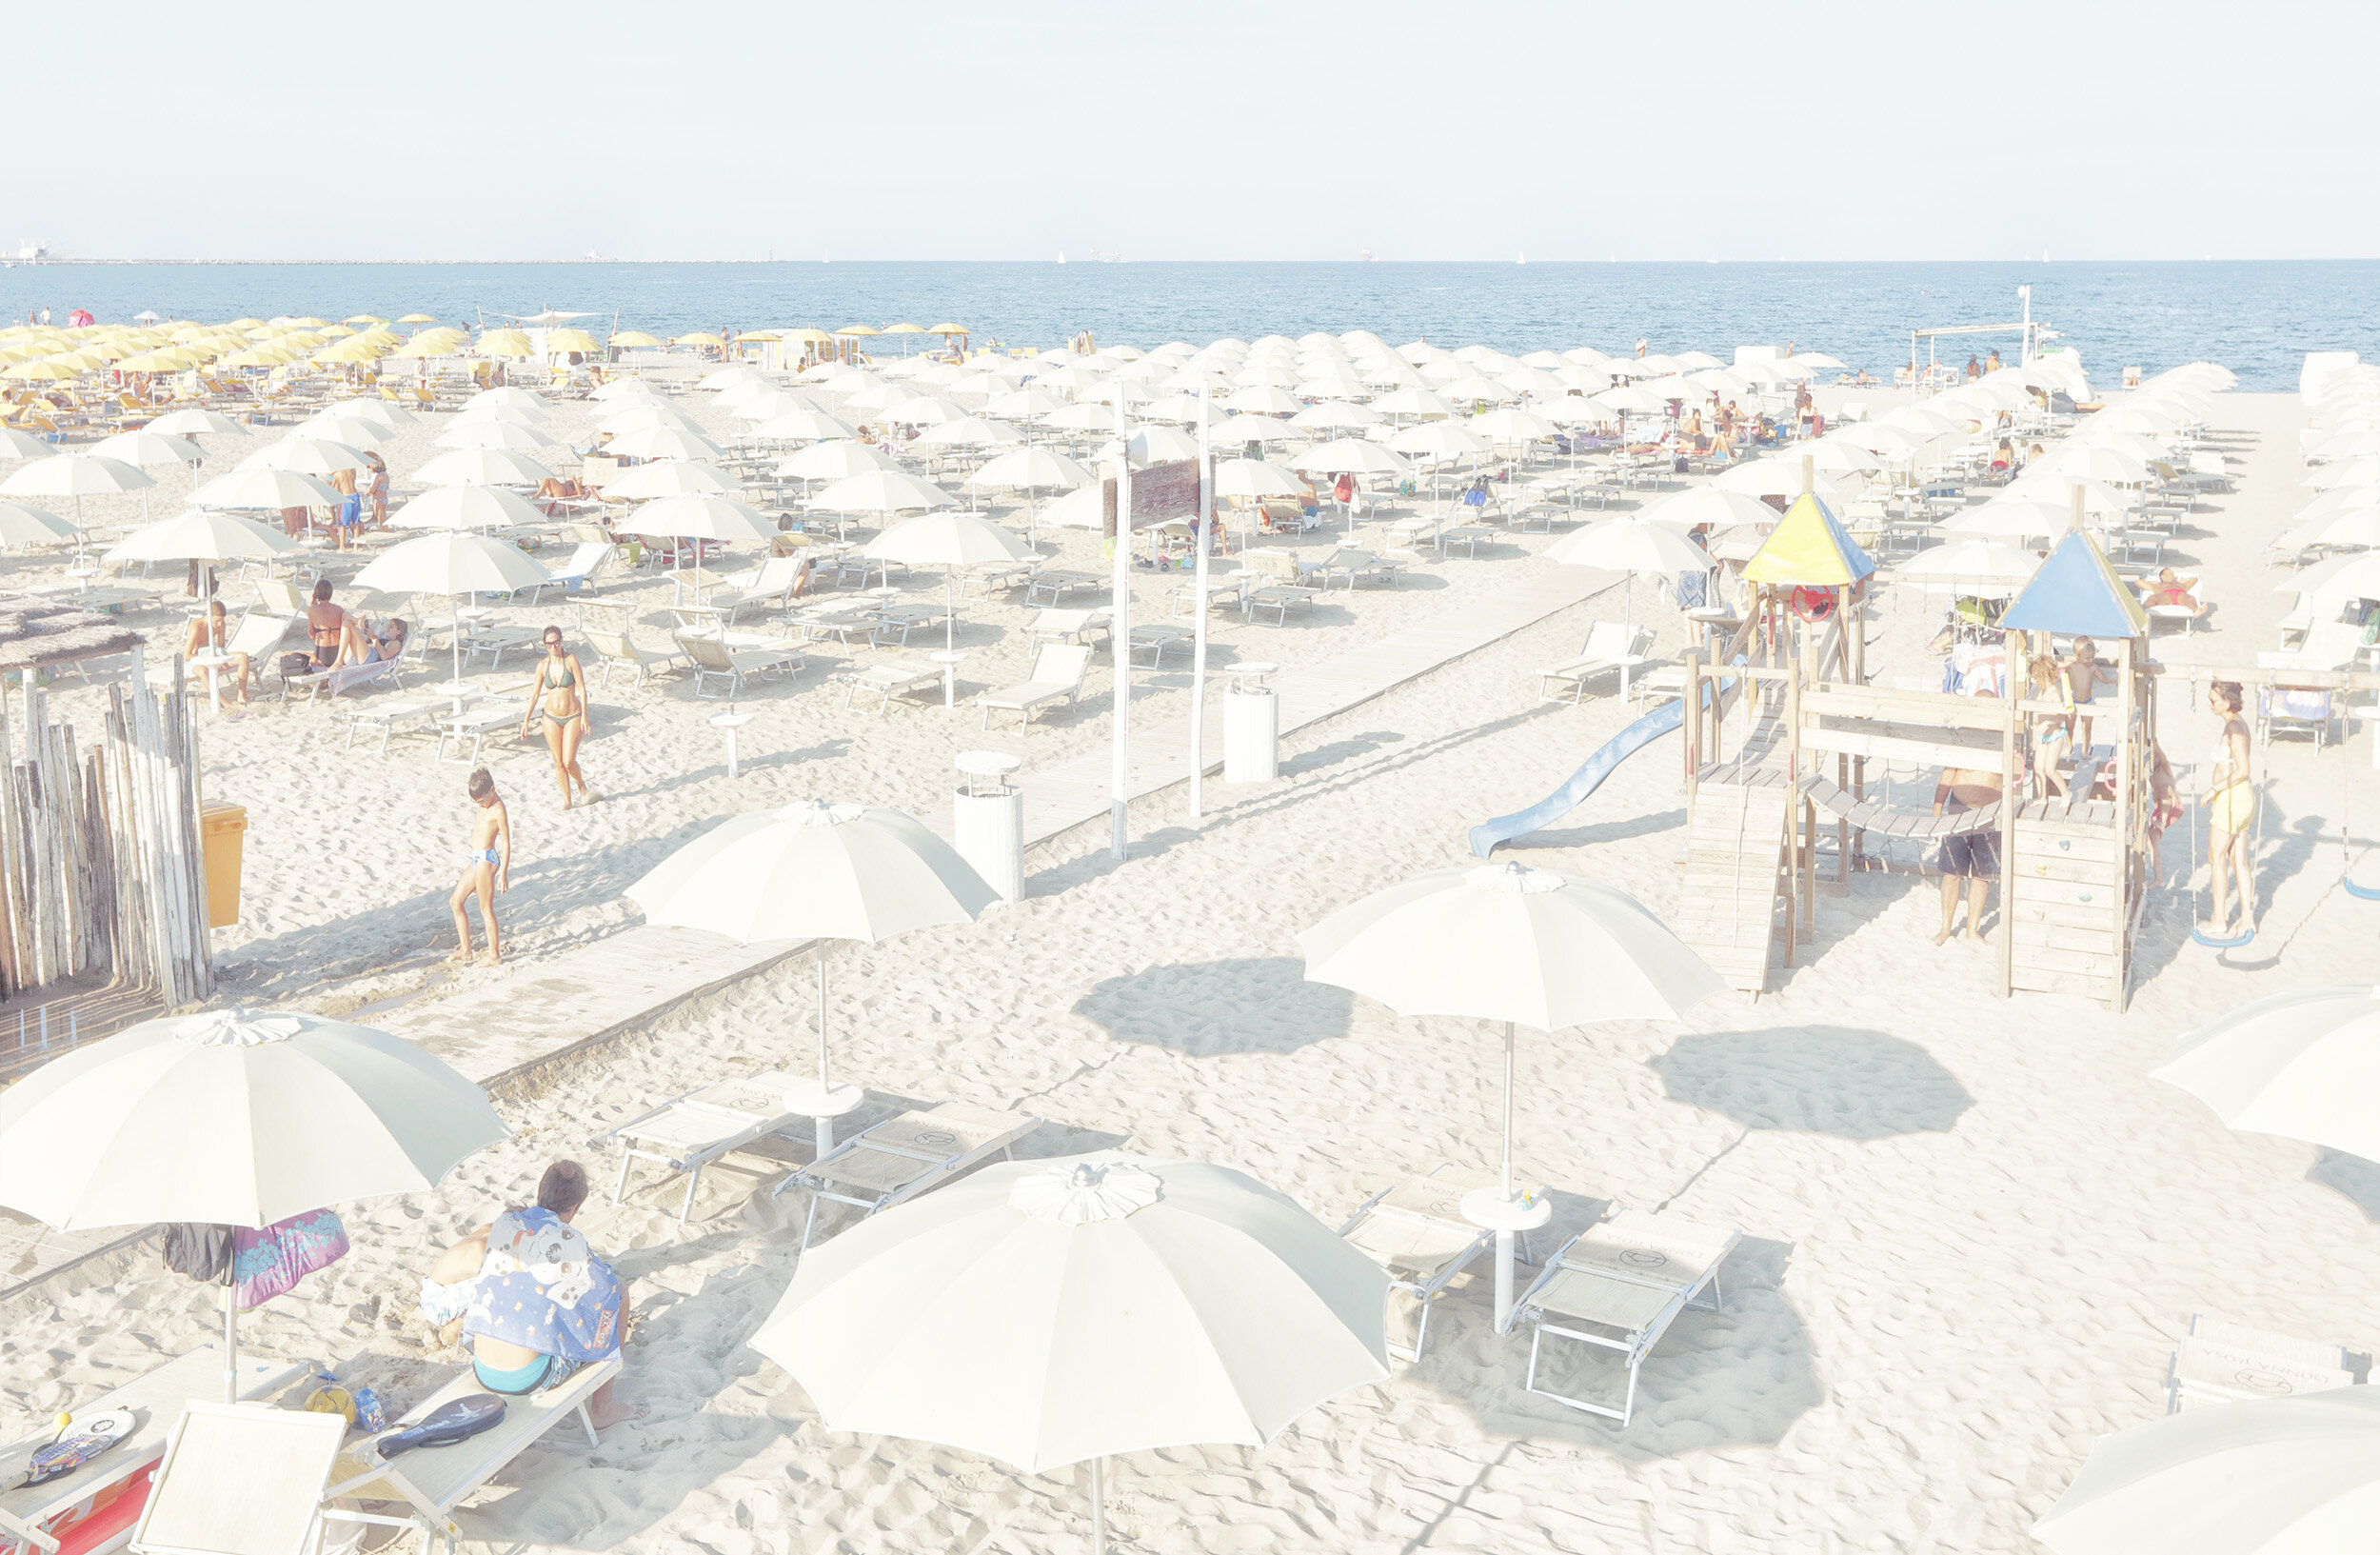 Spiaggia V - Marina di Ravenna, 2018